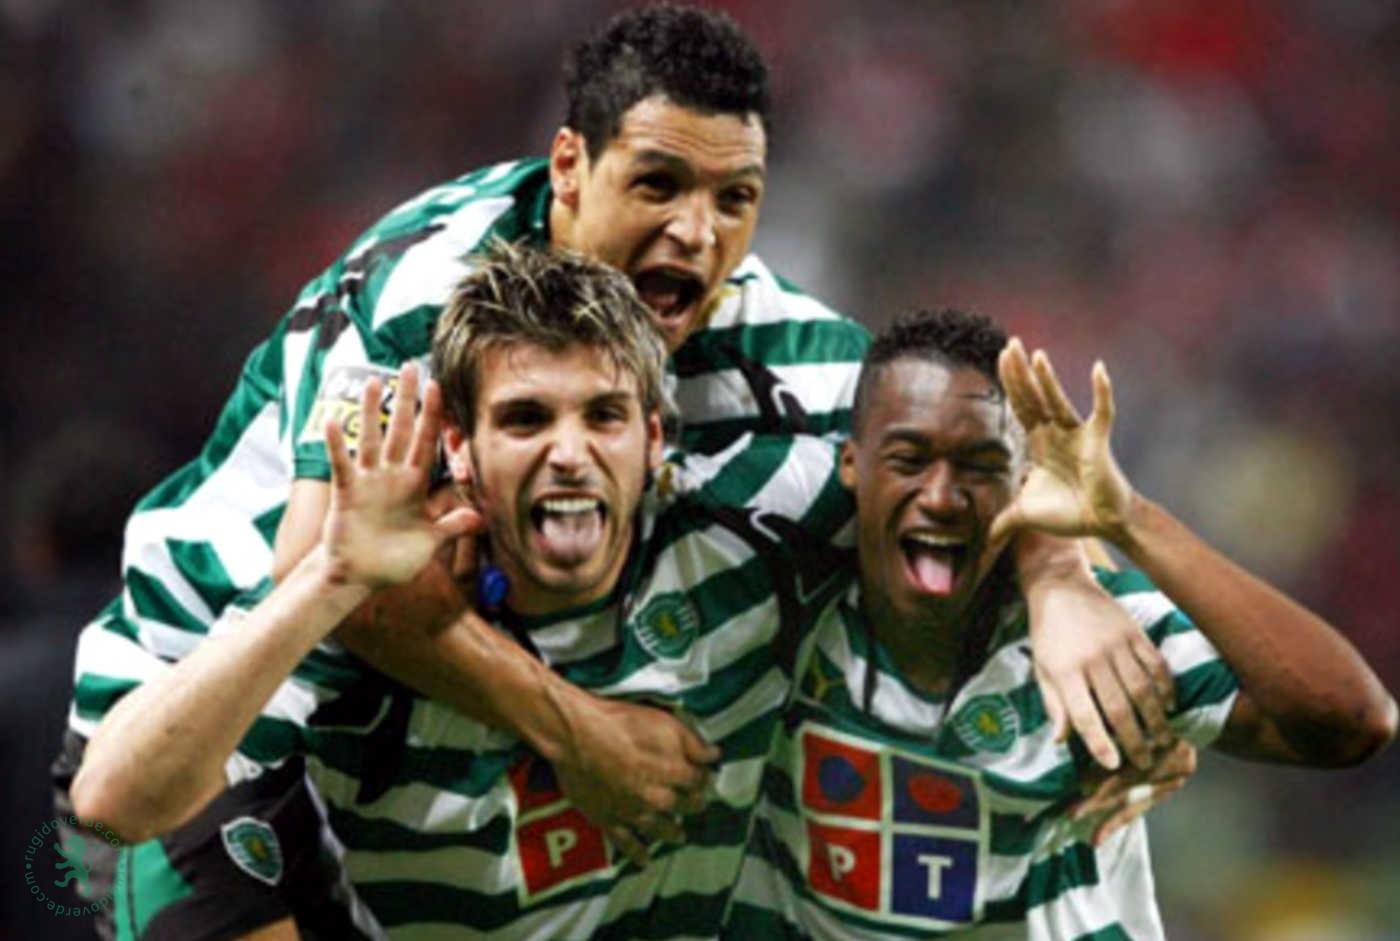 Neste dia… em 2008, o Sporting vencia o Benfica por (5-3), numa reviravolta histórica